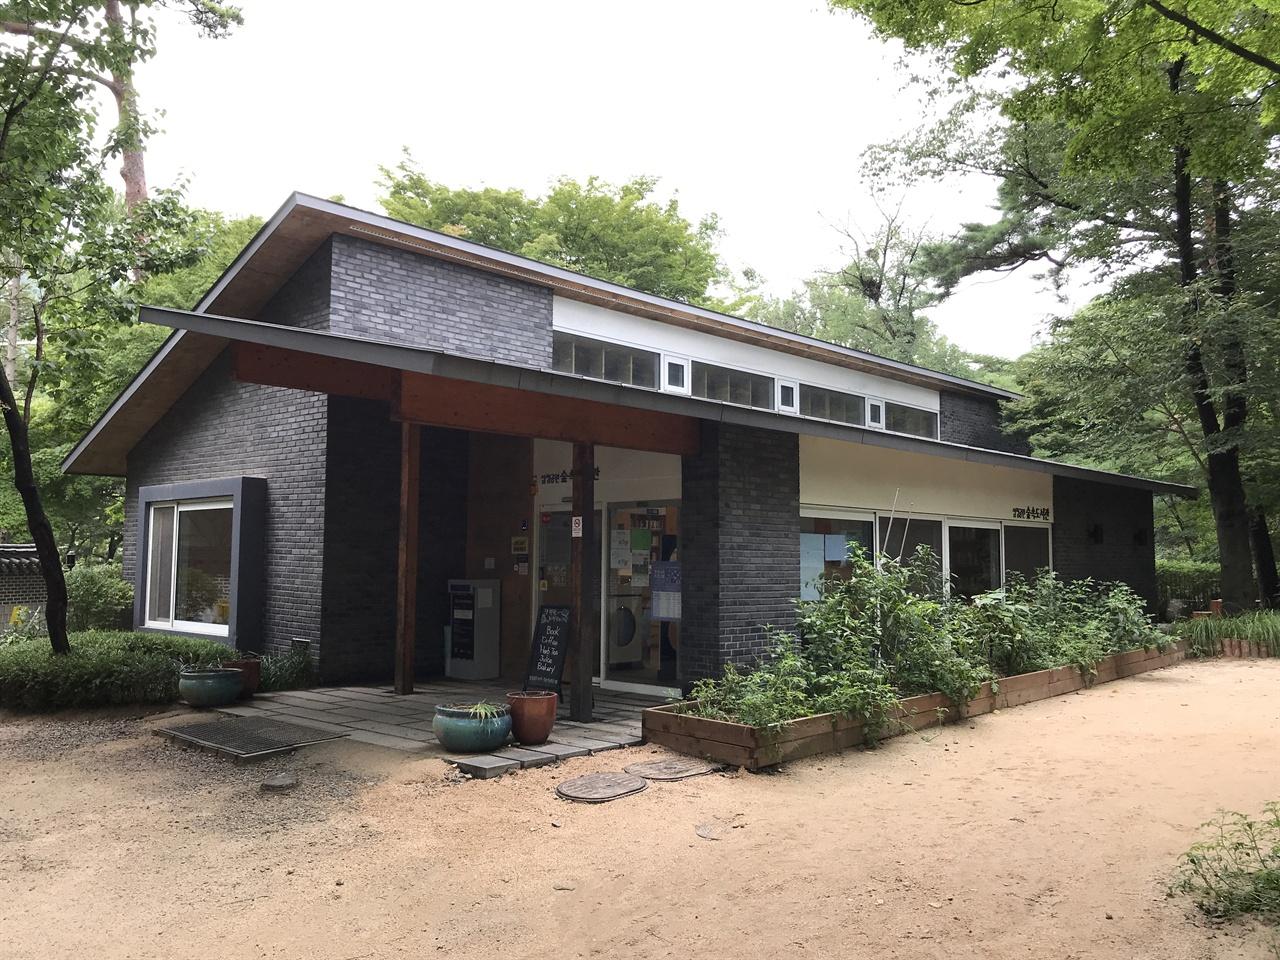 삼청공원 안에 자리한 '삼청공원숲속도서관' 삼청공원숲속도서관의 성공 때문일까. 서울시는 2023년까지 서울 안 근린공원에 330m2 내외의 '숲 속 도서관' 20개를 더 짓겠다는 계획을 발표했다.